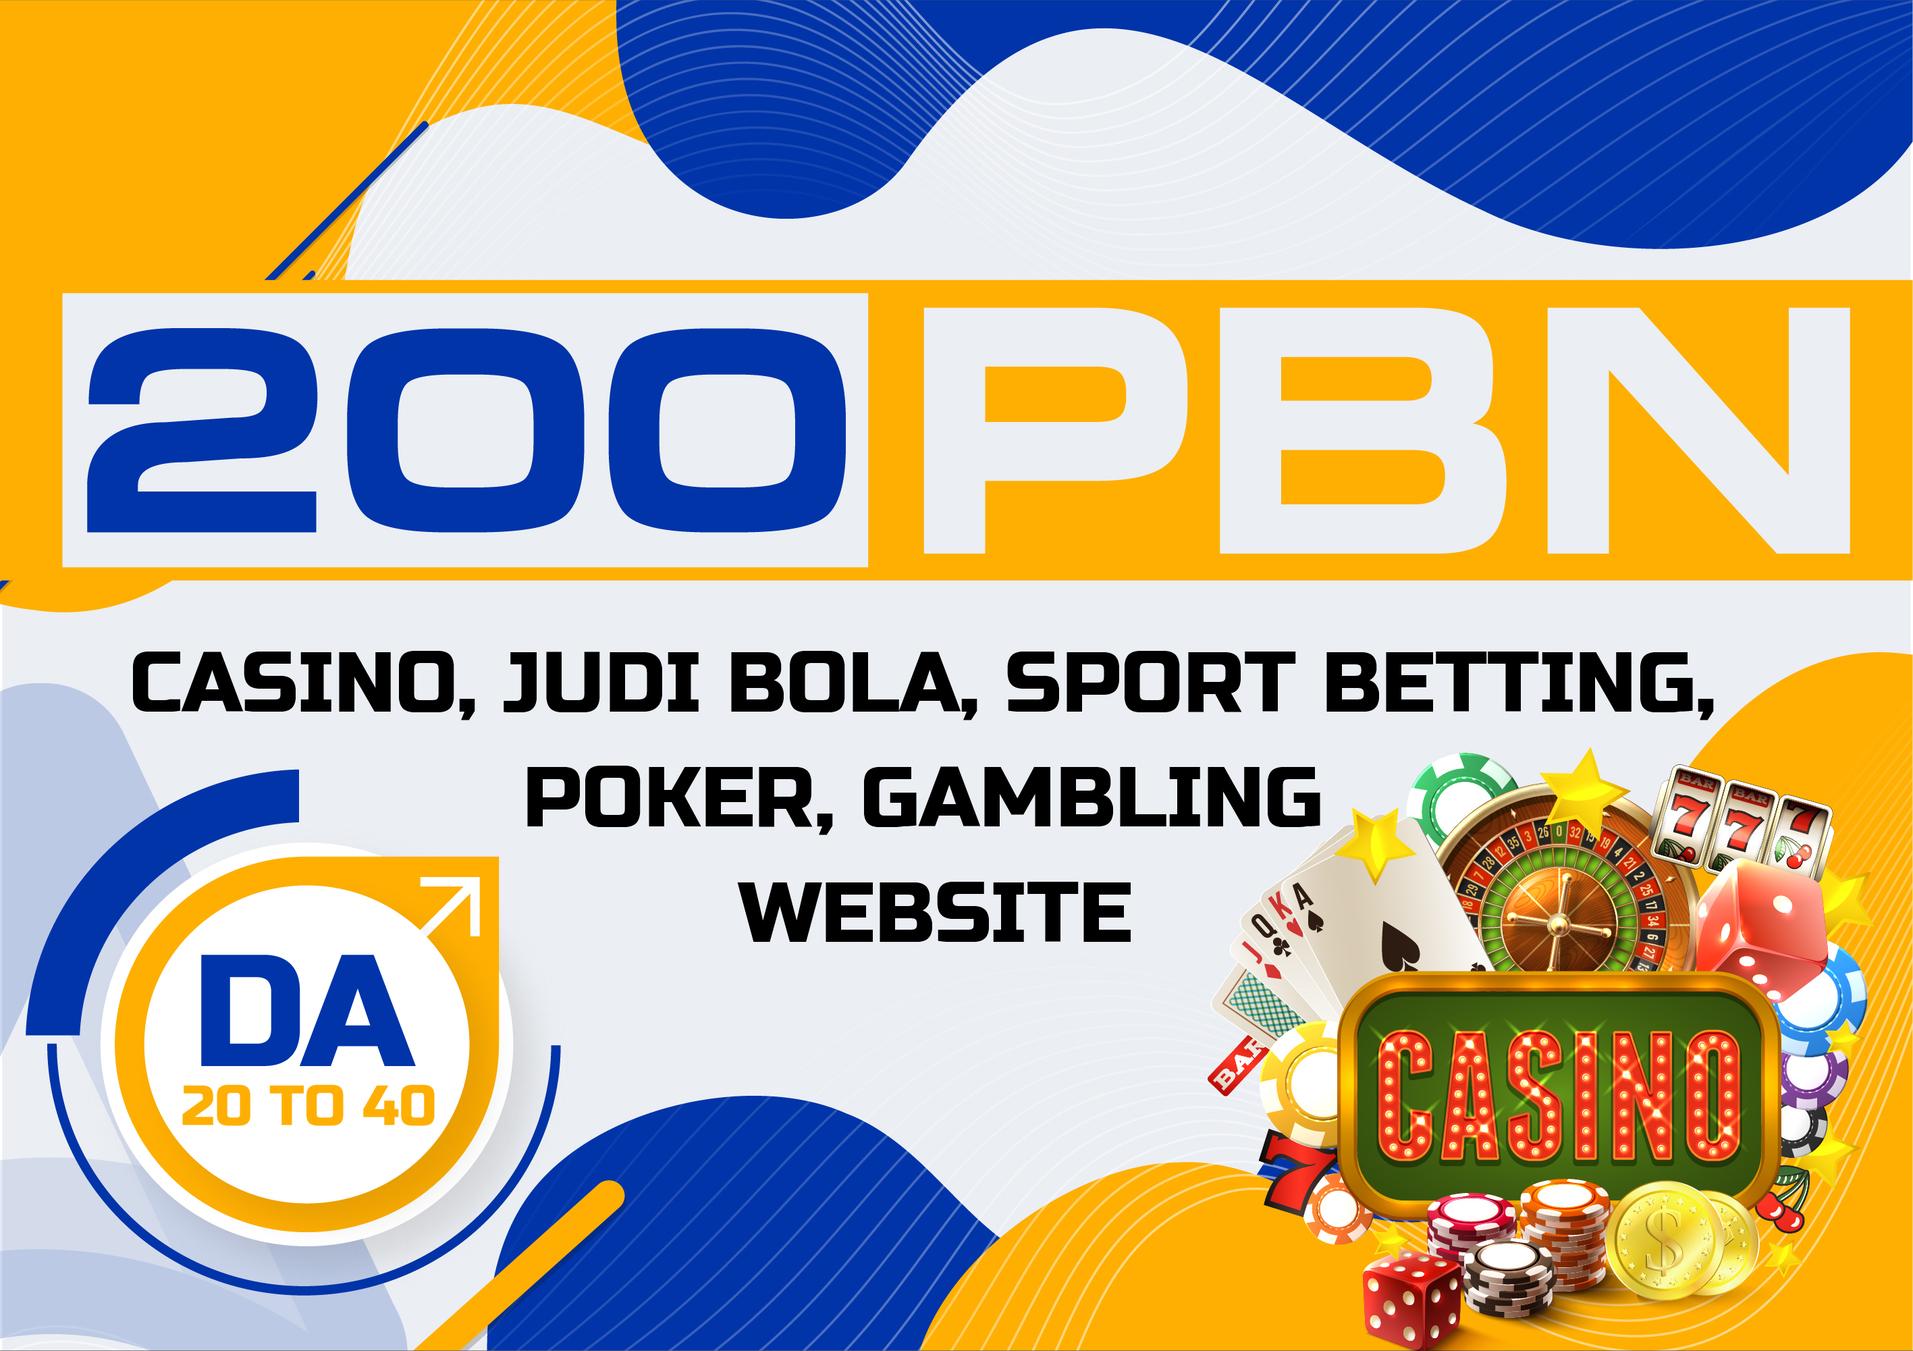 200 Casino / Gambling PBN Backlinks from Poker, Gambling, Online